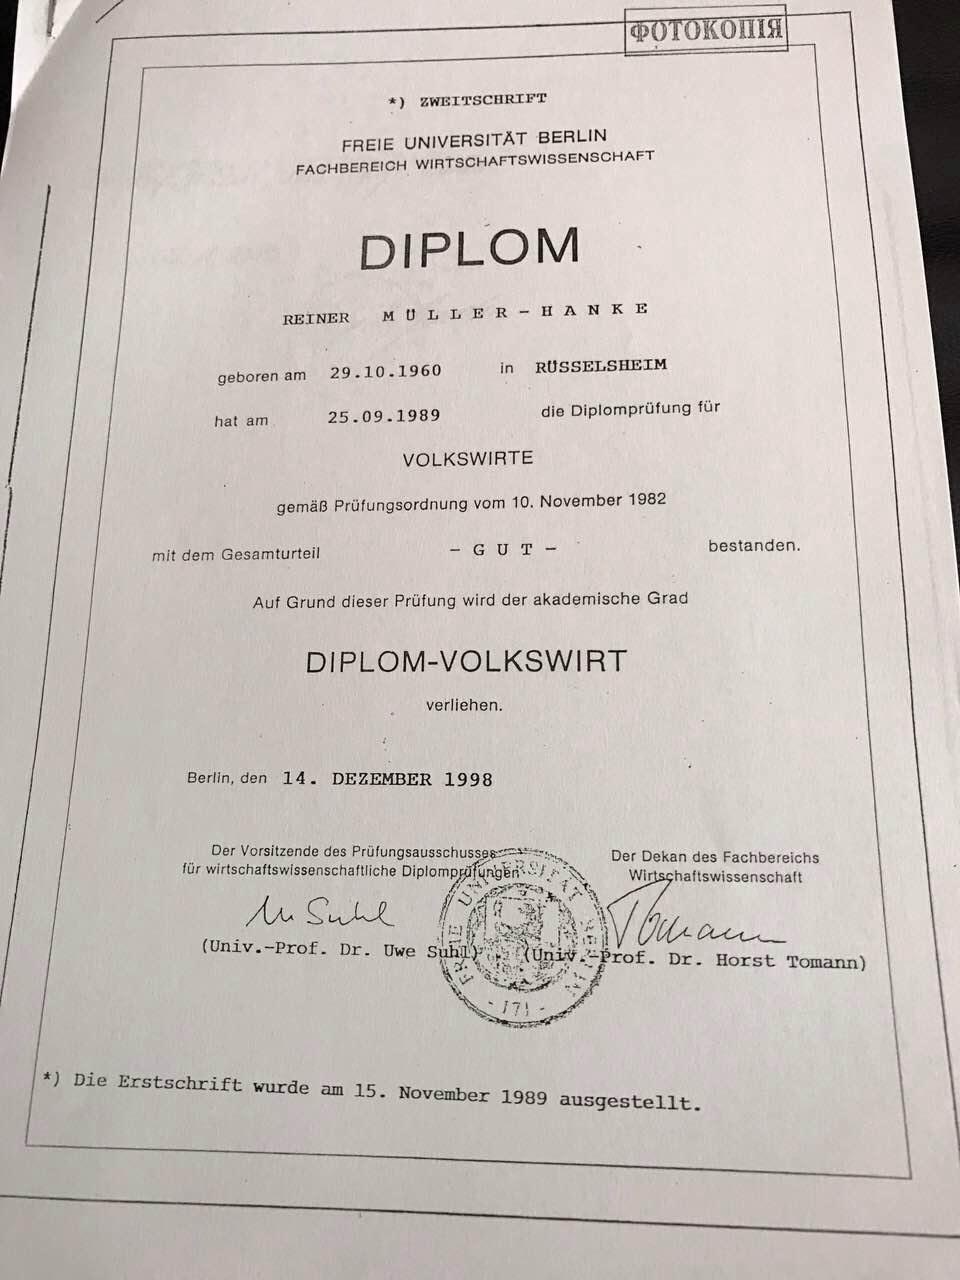 Кильчицкая о кандидате на должность главы ПриватБанка Мюллер  Скан диплома